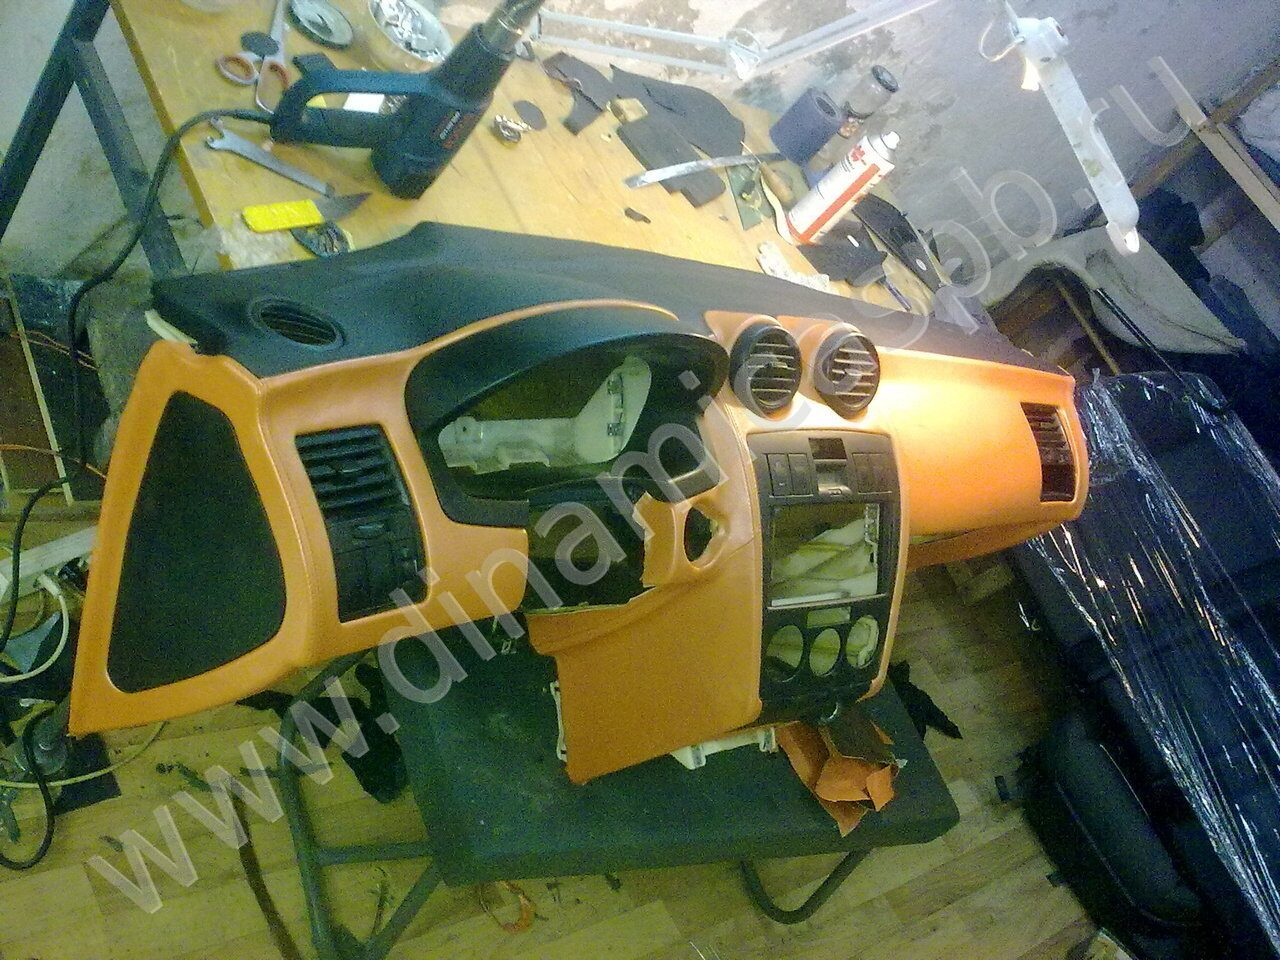 Ремонт торпеды автомобиля своими руками ваз 2110 45